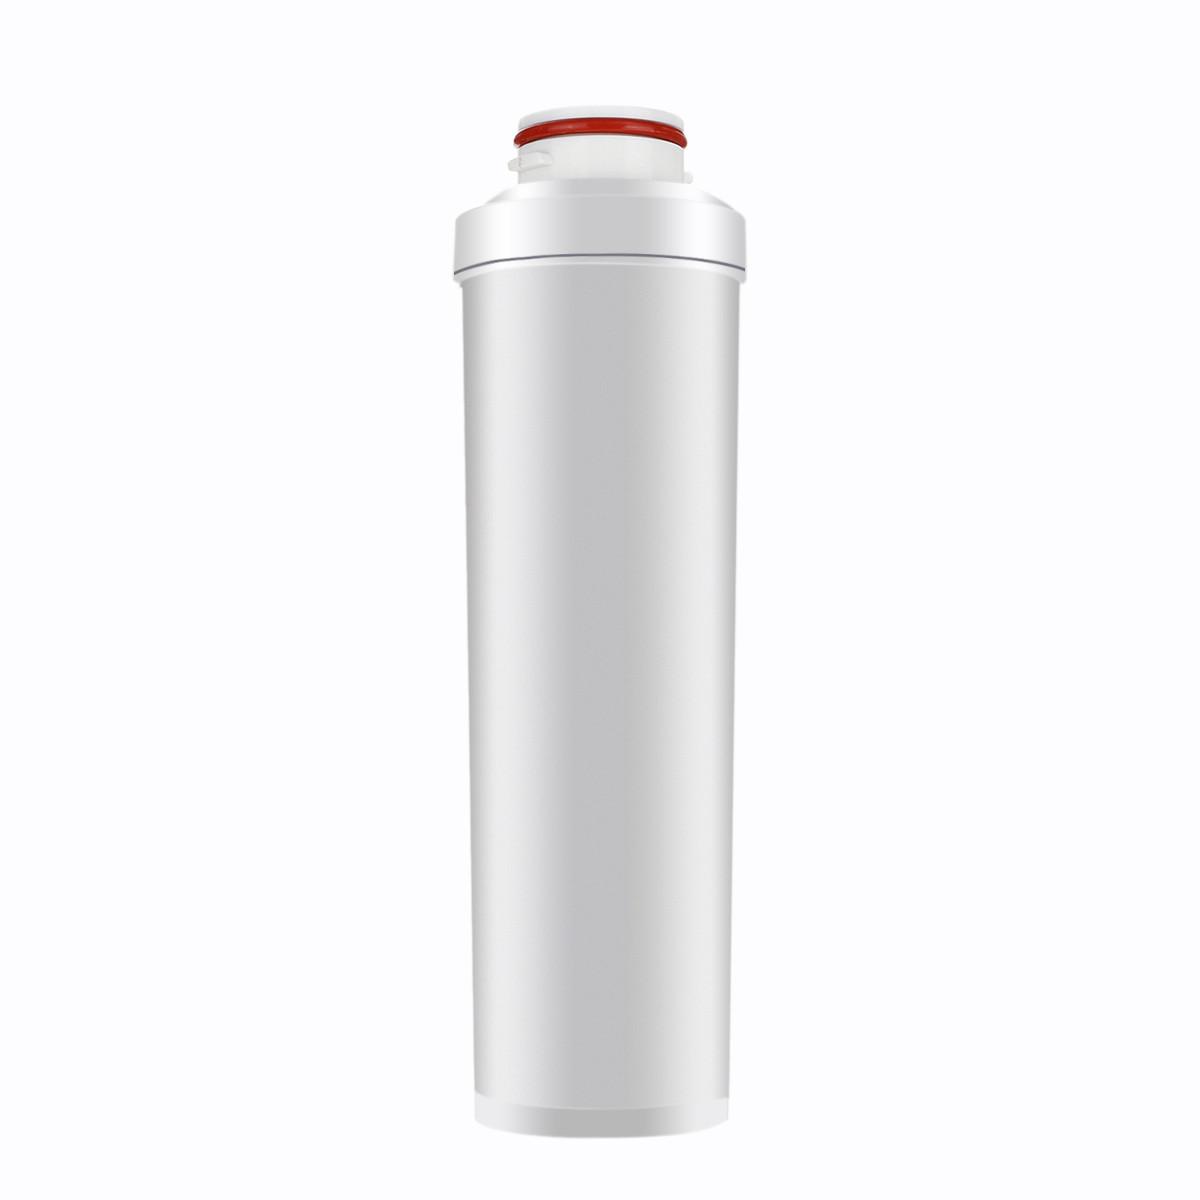 AUGIENBЗаменавнутреннегоActiveУглеродныйфильтр только для воды Ионизатор - 1TopShop